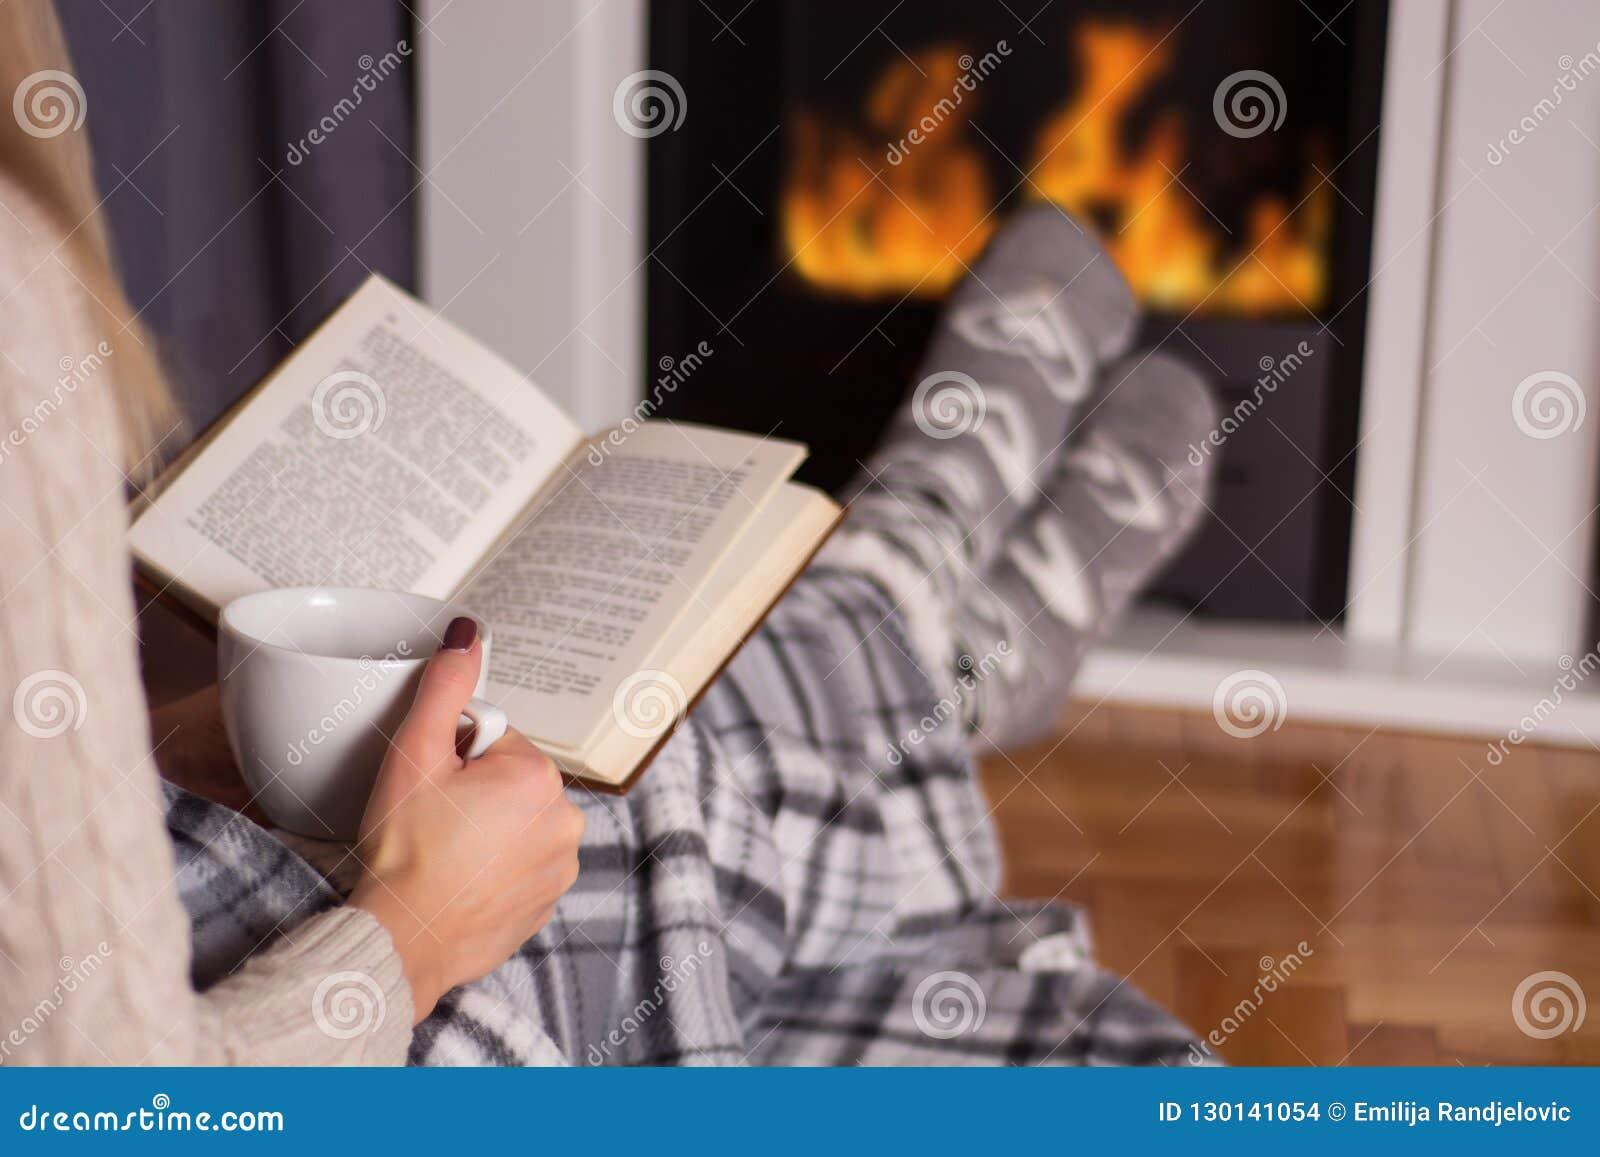 Flicka framme av läsebok- och värmefoten för spis på brand